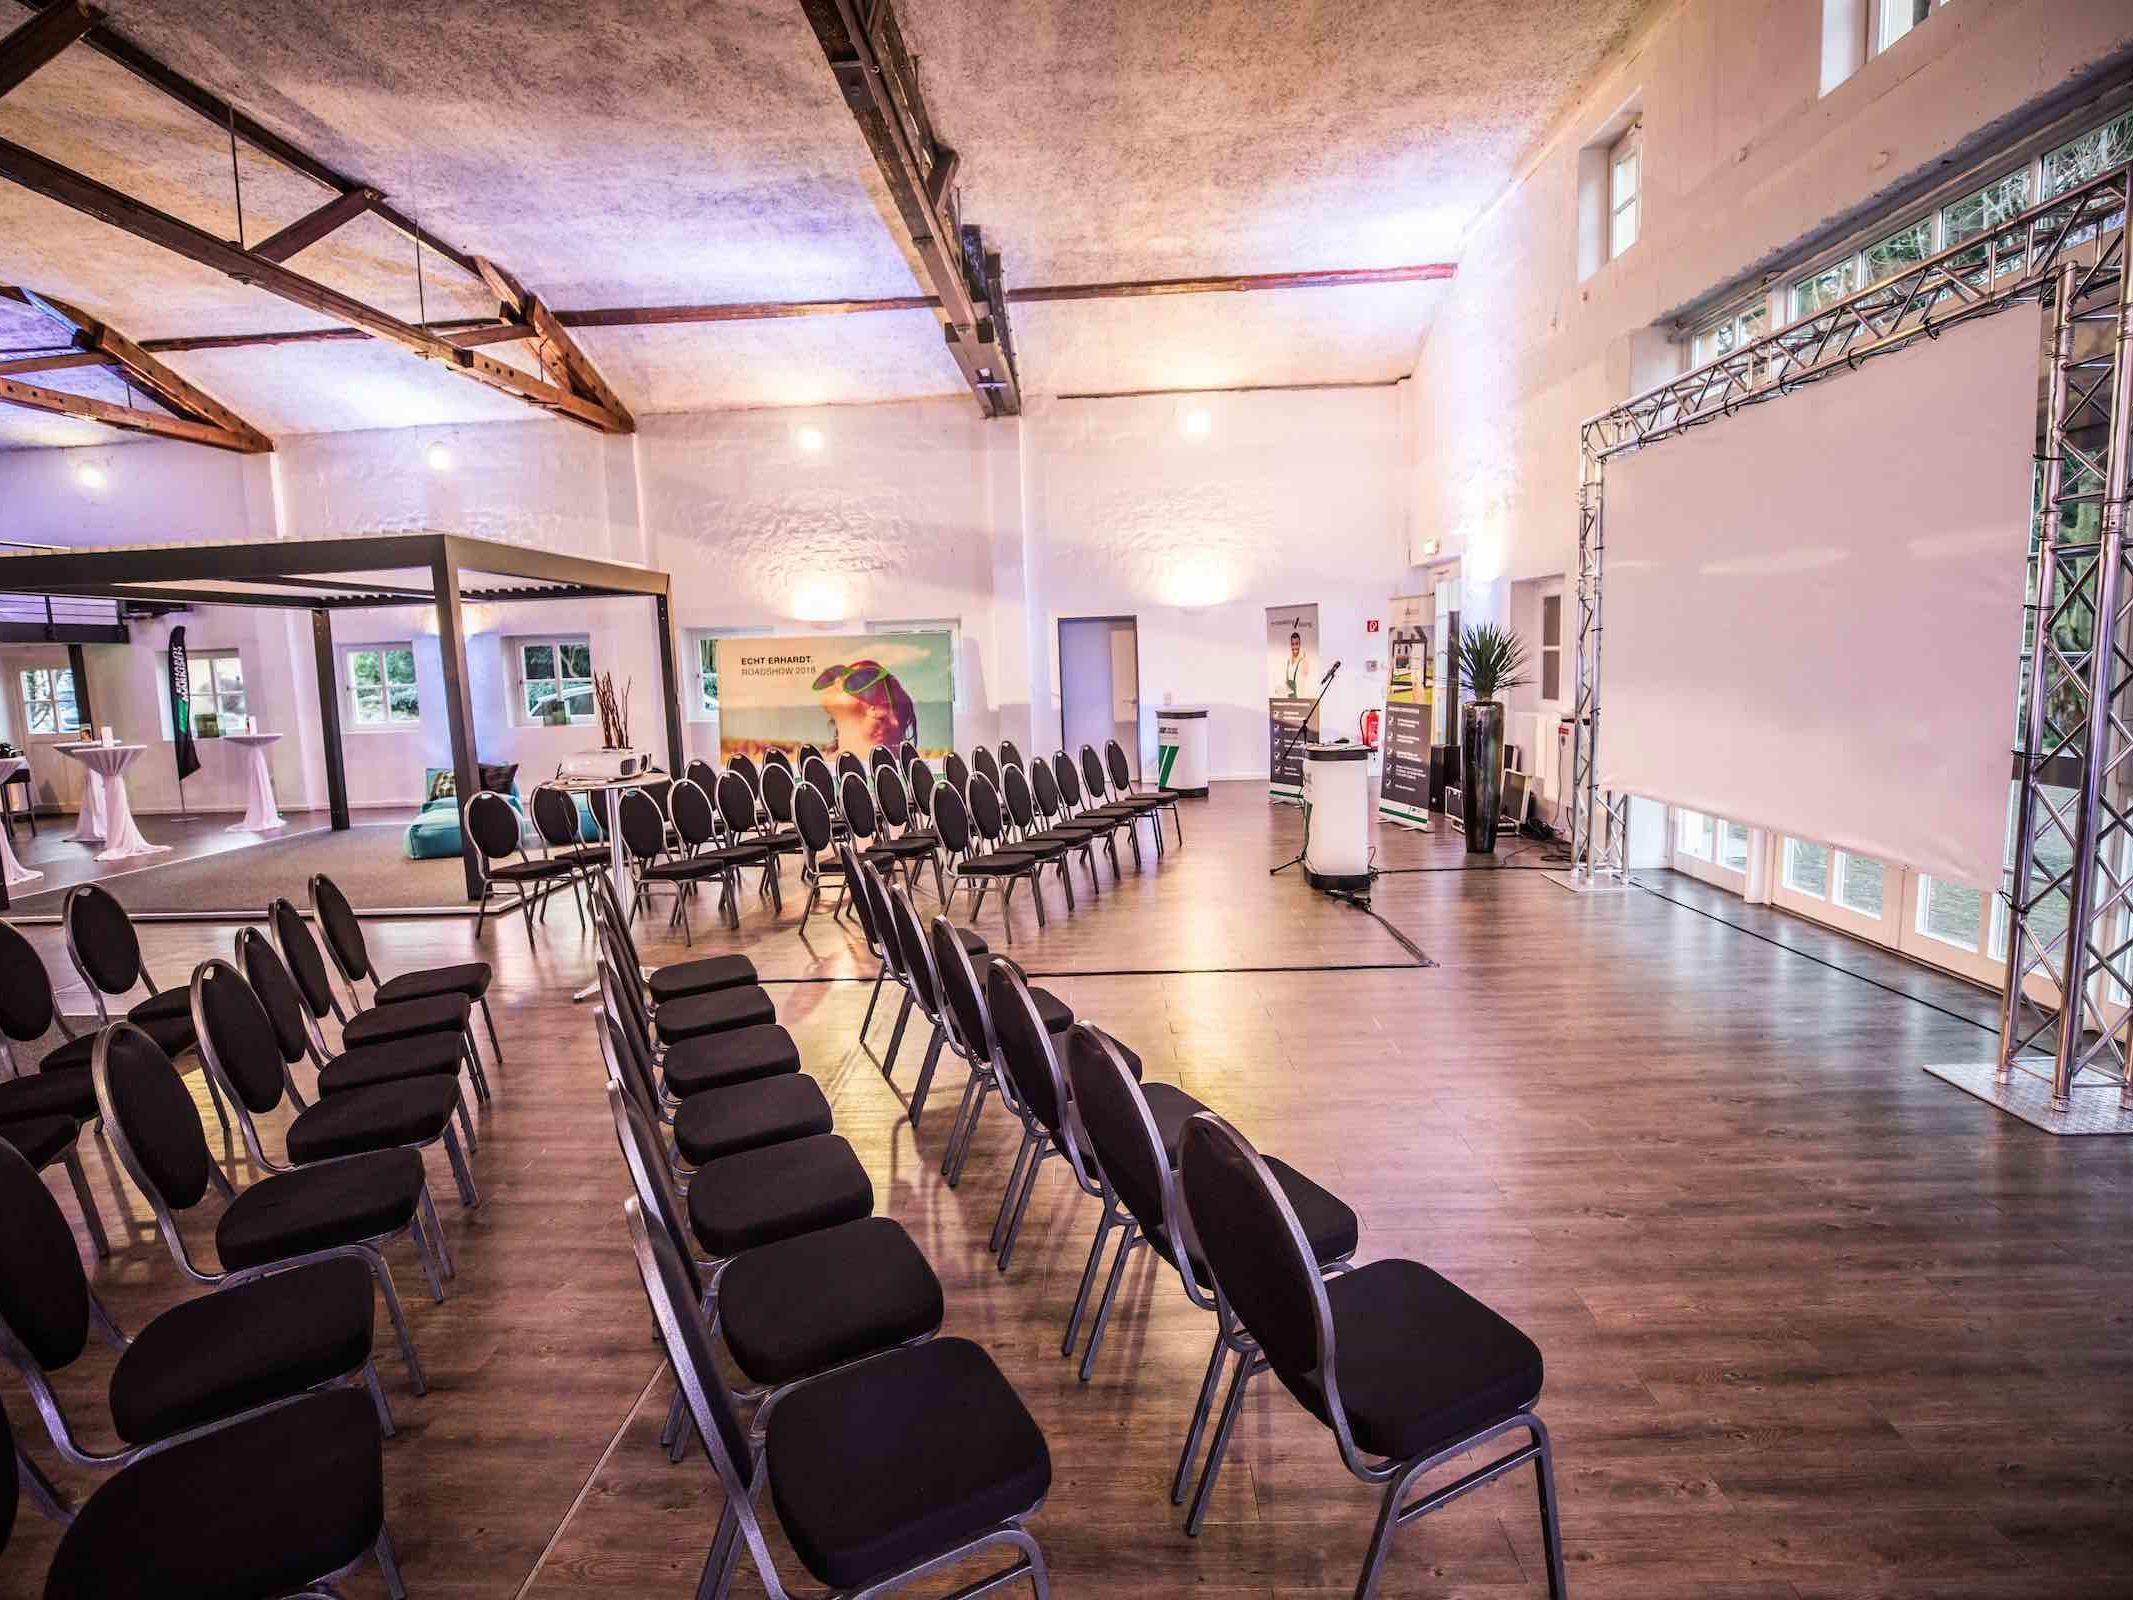 Tagungstechnik   Hannover   Mikrofone   Beamer   LCD   Projektoren   Leinwände   Rednerpult   Bühne   Lichttechnik   Tontechnik   Beschallung   Mieten   Buchen   Lehmann   Eventservice